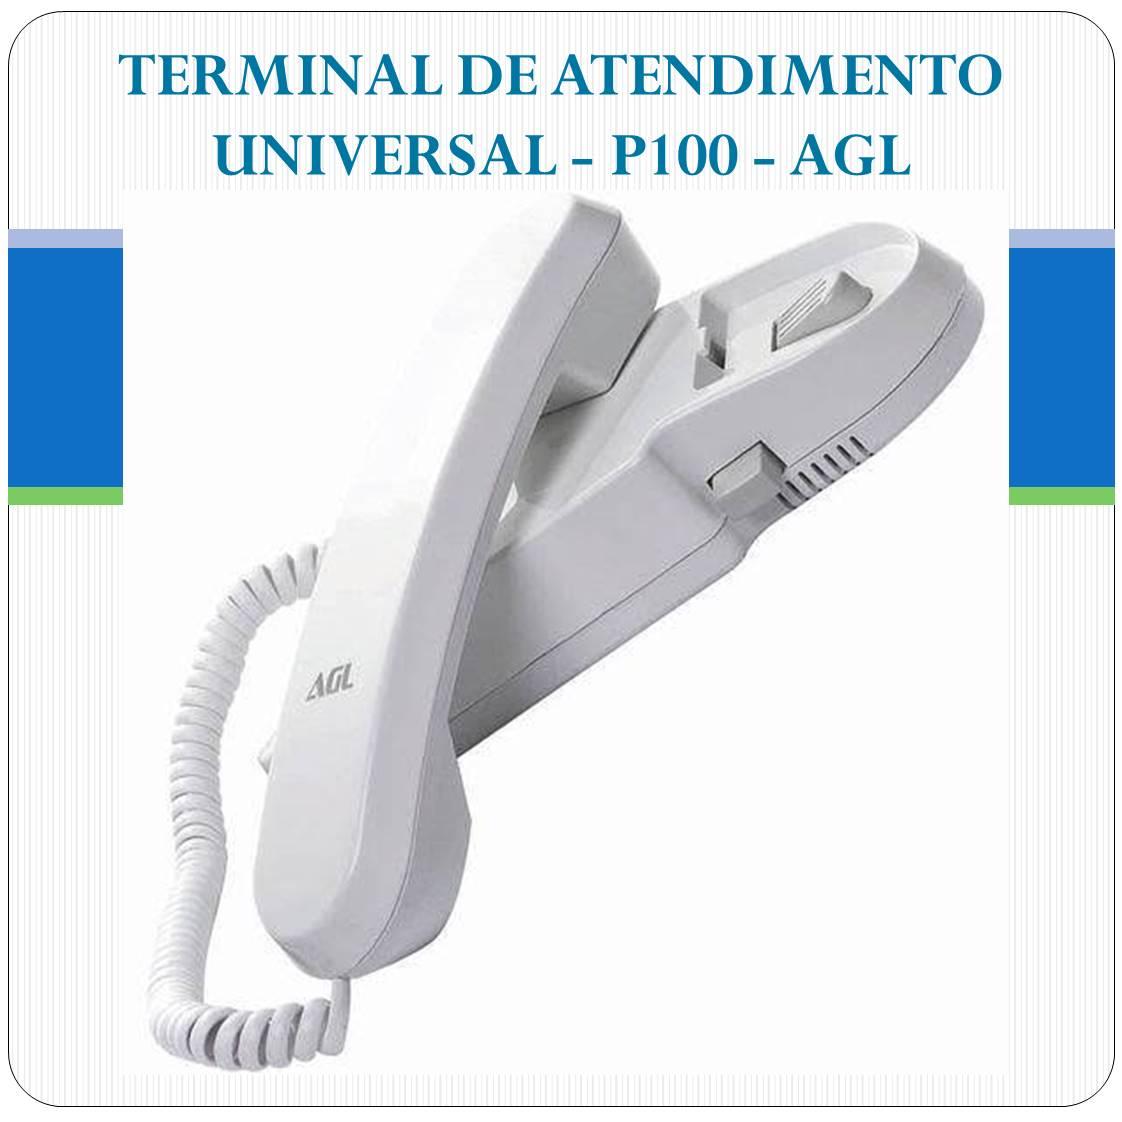 Monofone Extensão Interfone Porteiro Agl - P100